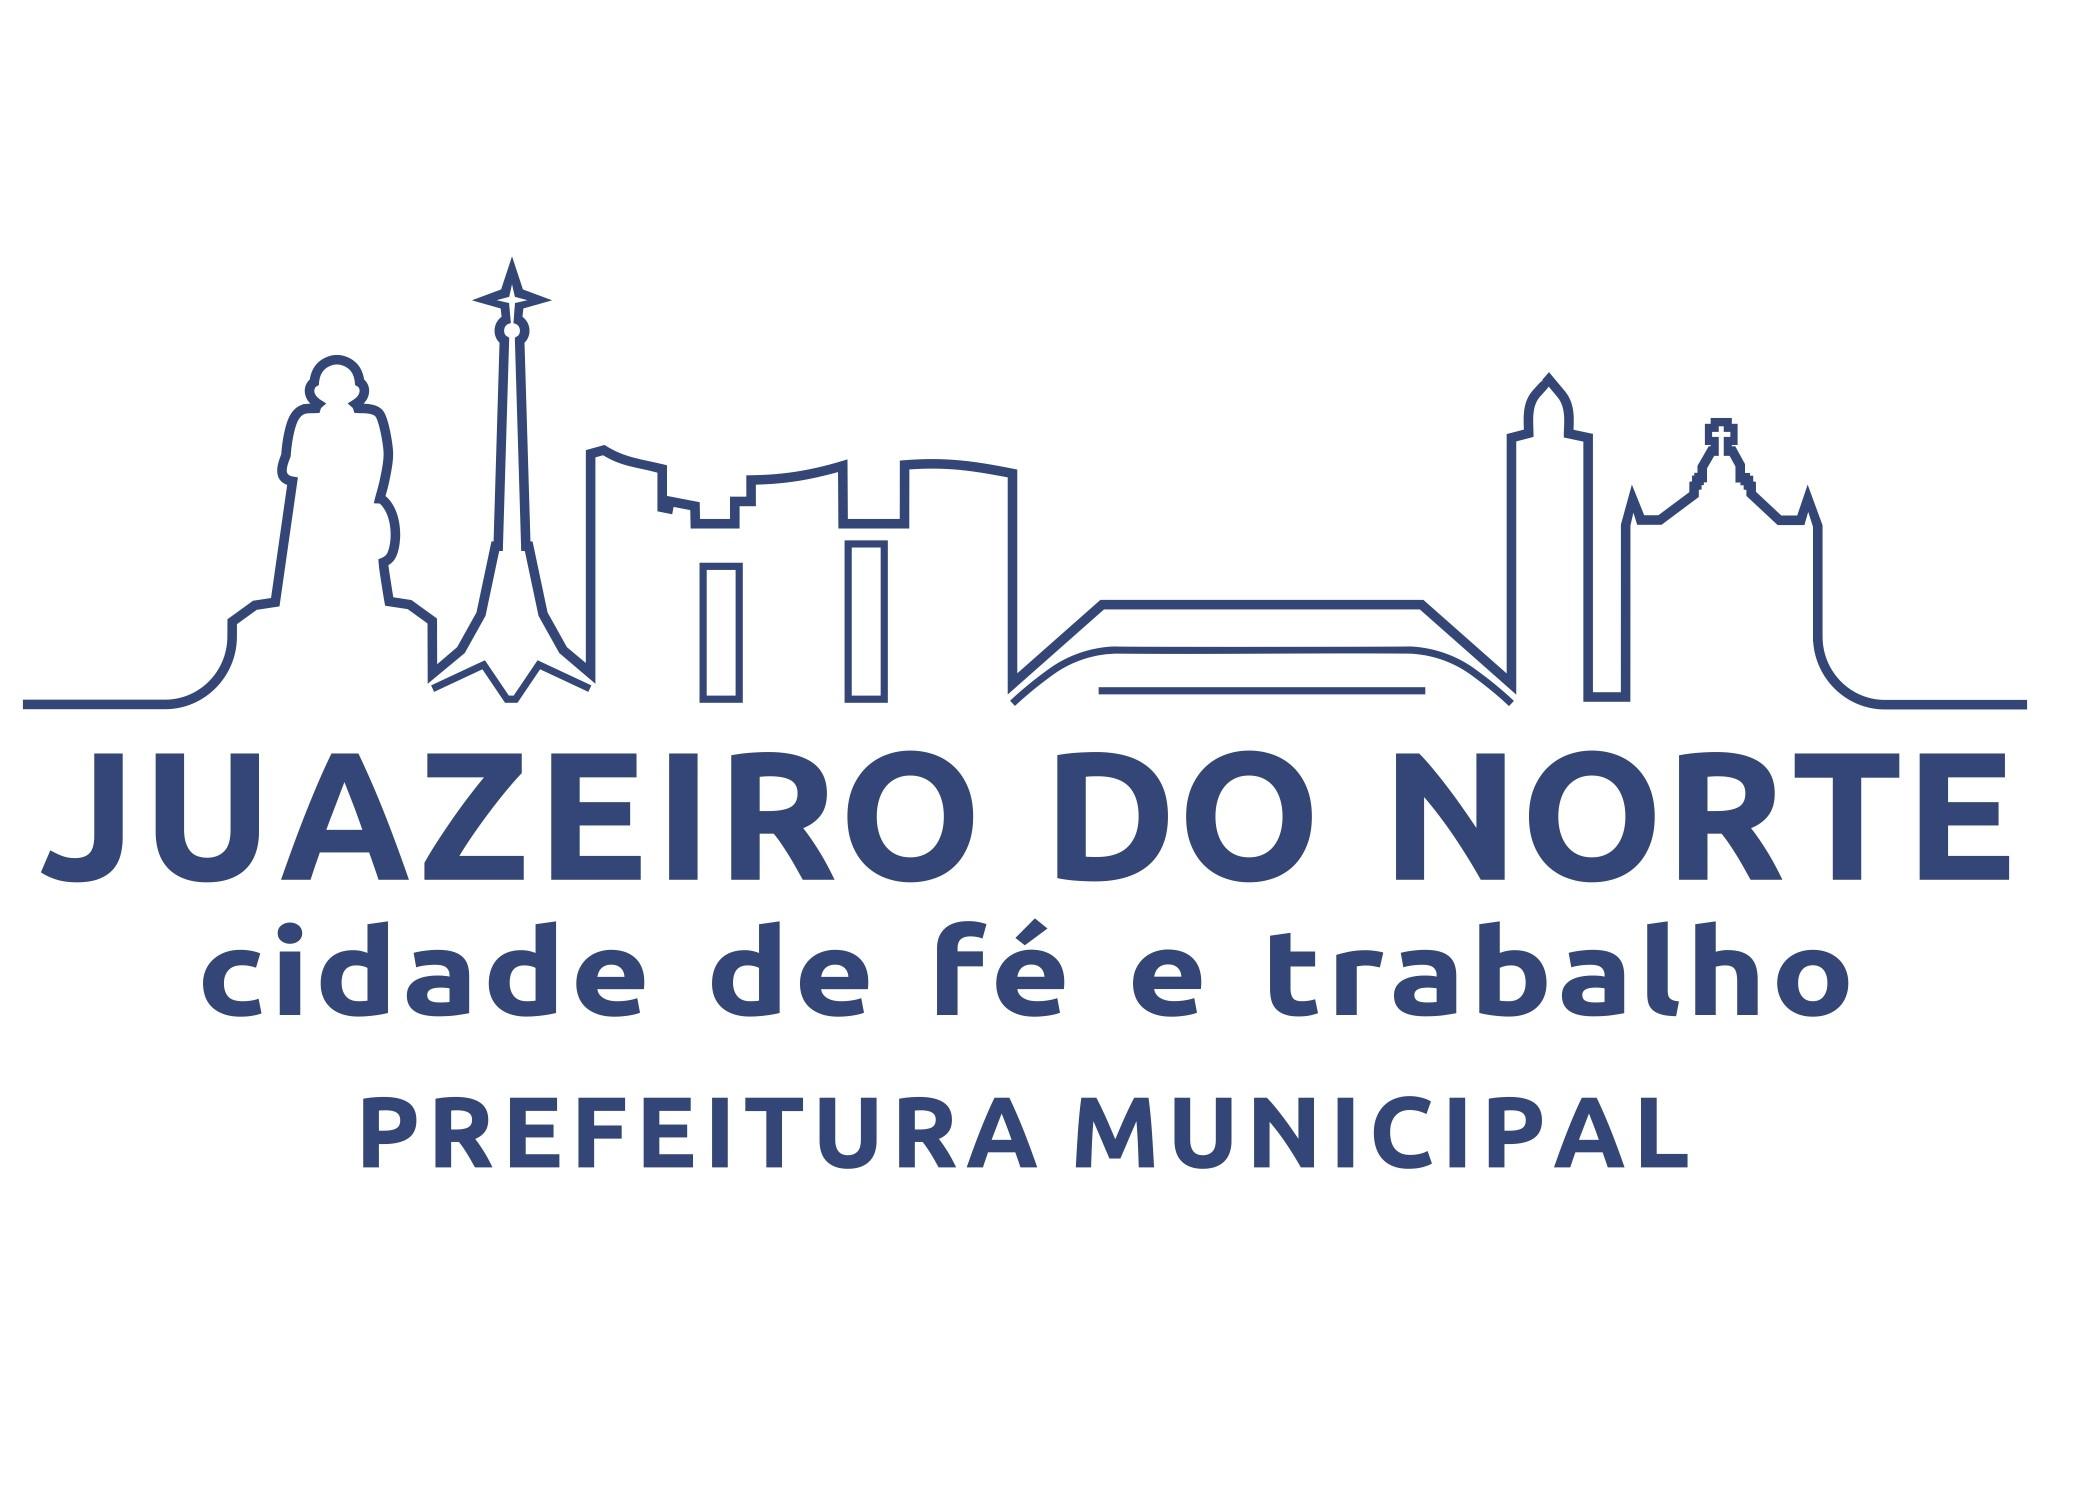 Concurso da Prefeitura de Juazeiro do Norte (CE) tem mais de 7 MIL VAGAS!